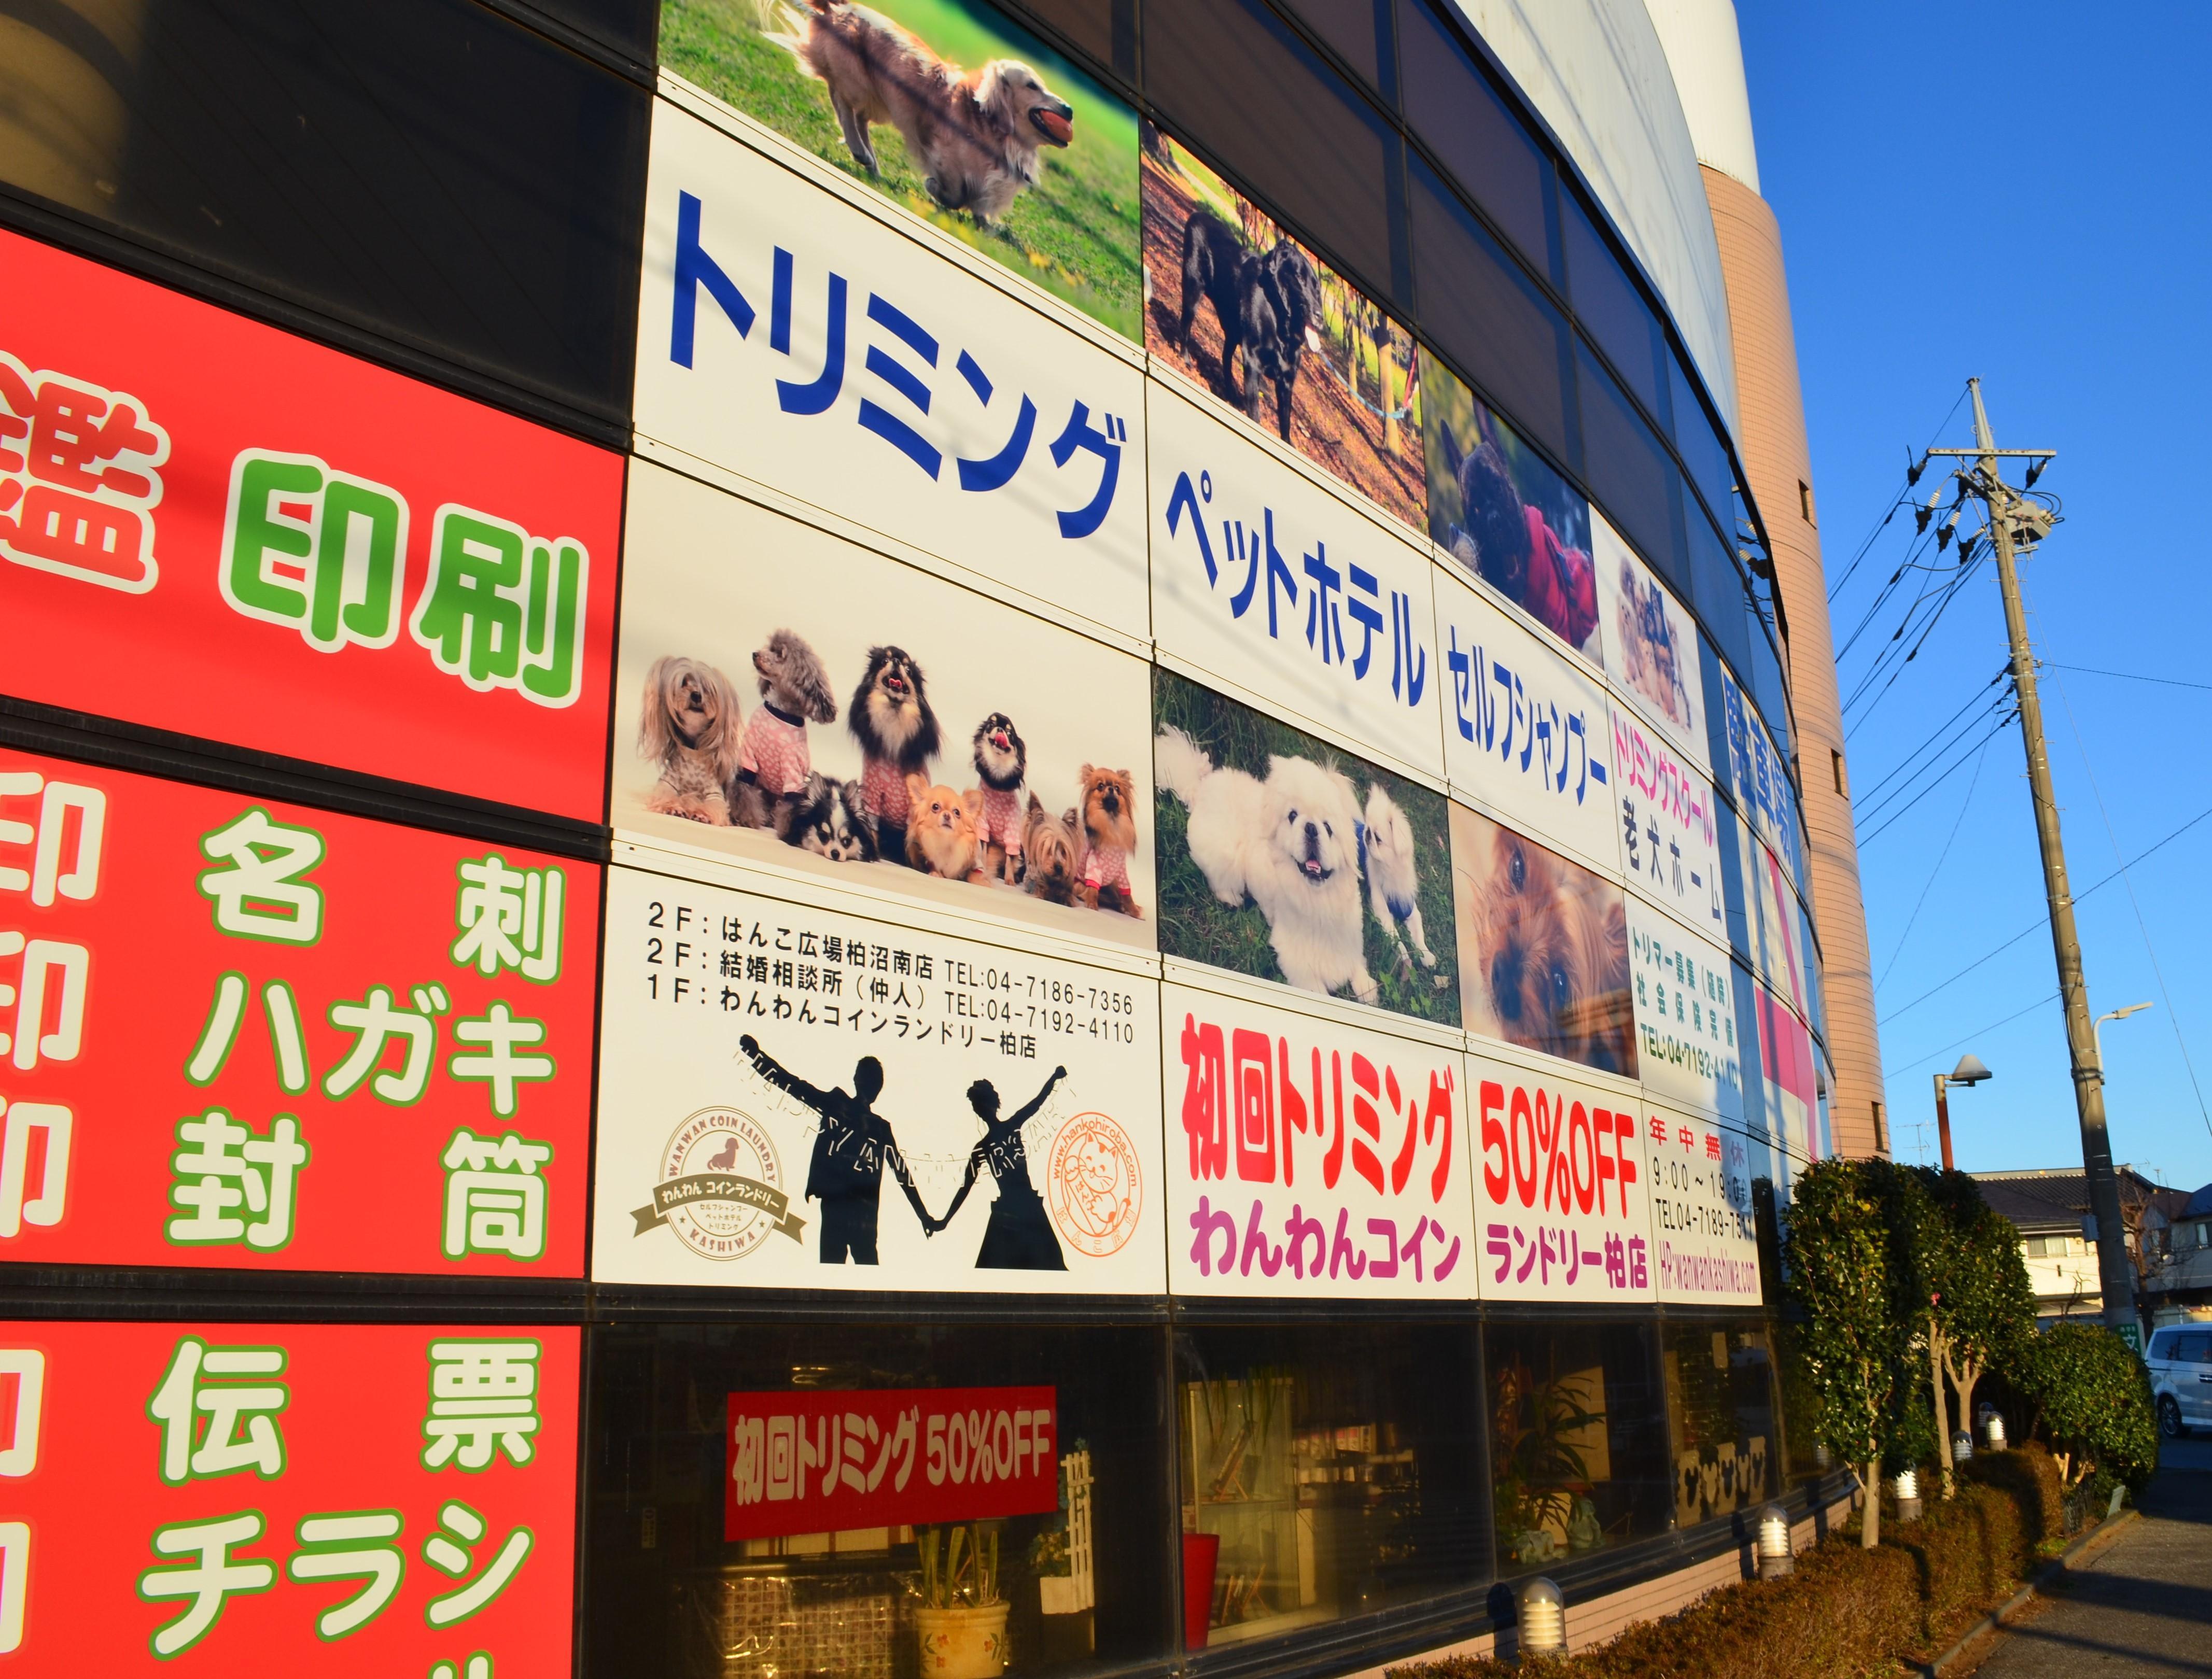 【残業ほぼなし!】犬のトリマー(千葉県柏市勤務)定年制度無!